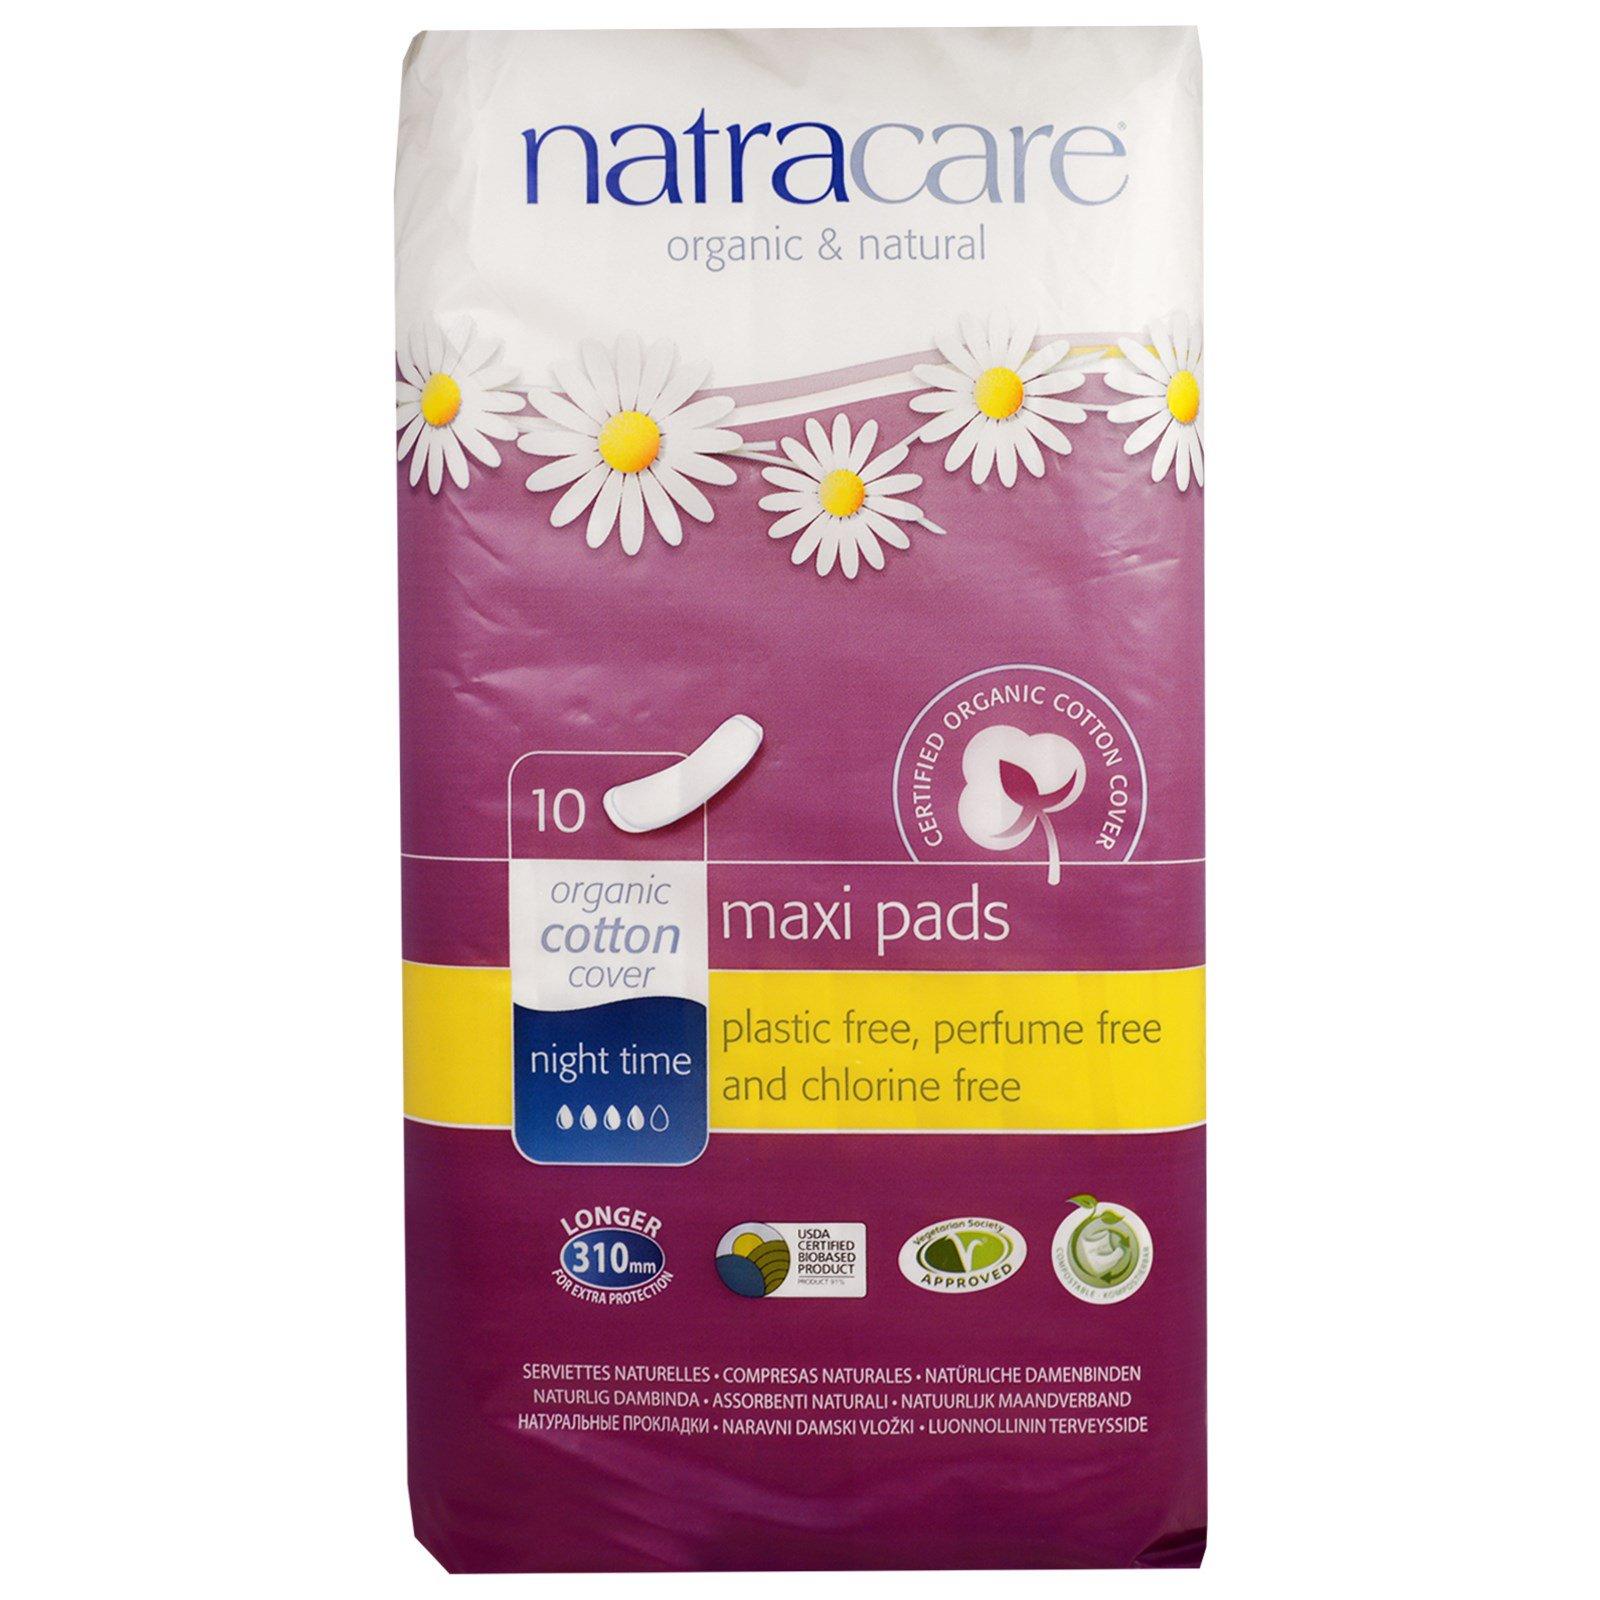 Natracare, Прокладки макси, ночные, 10 штук